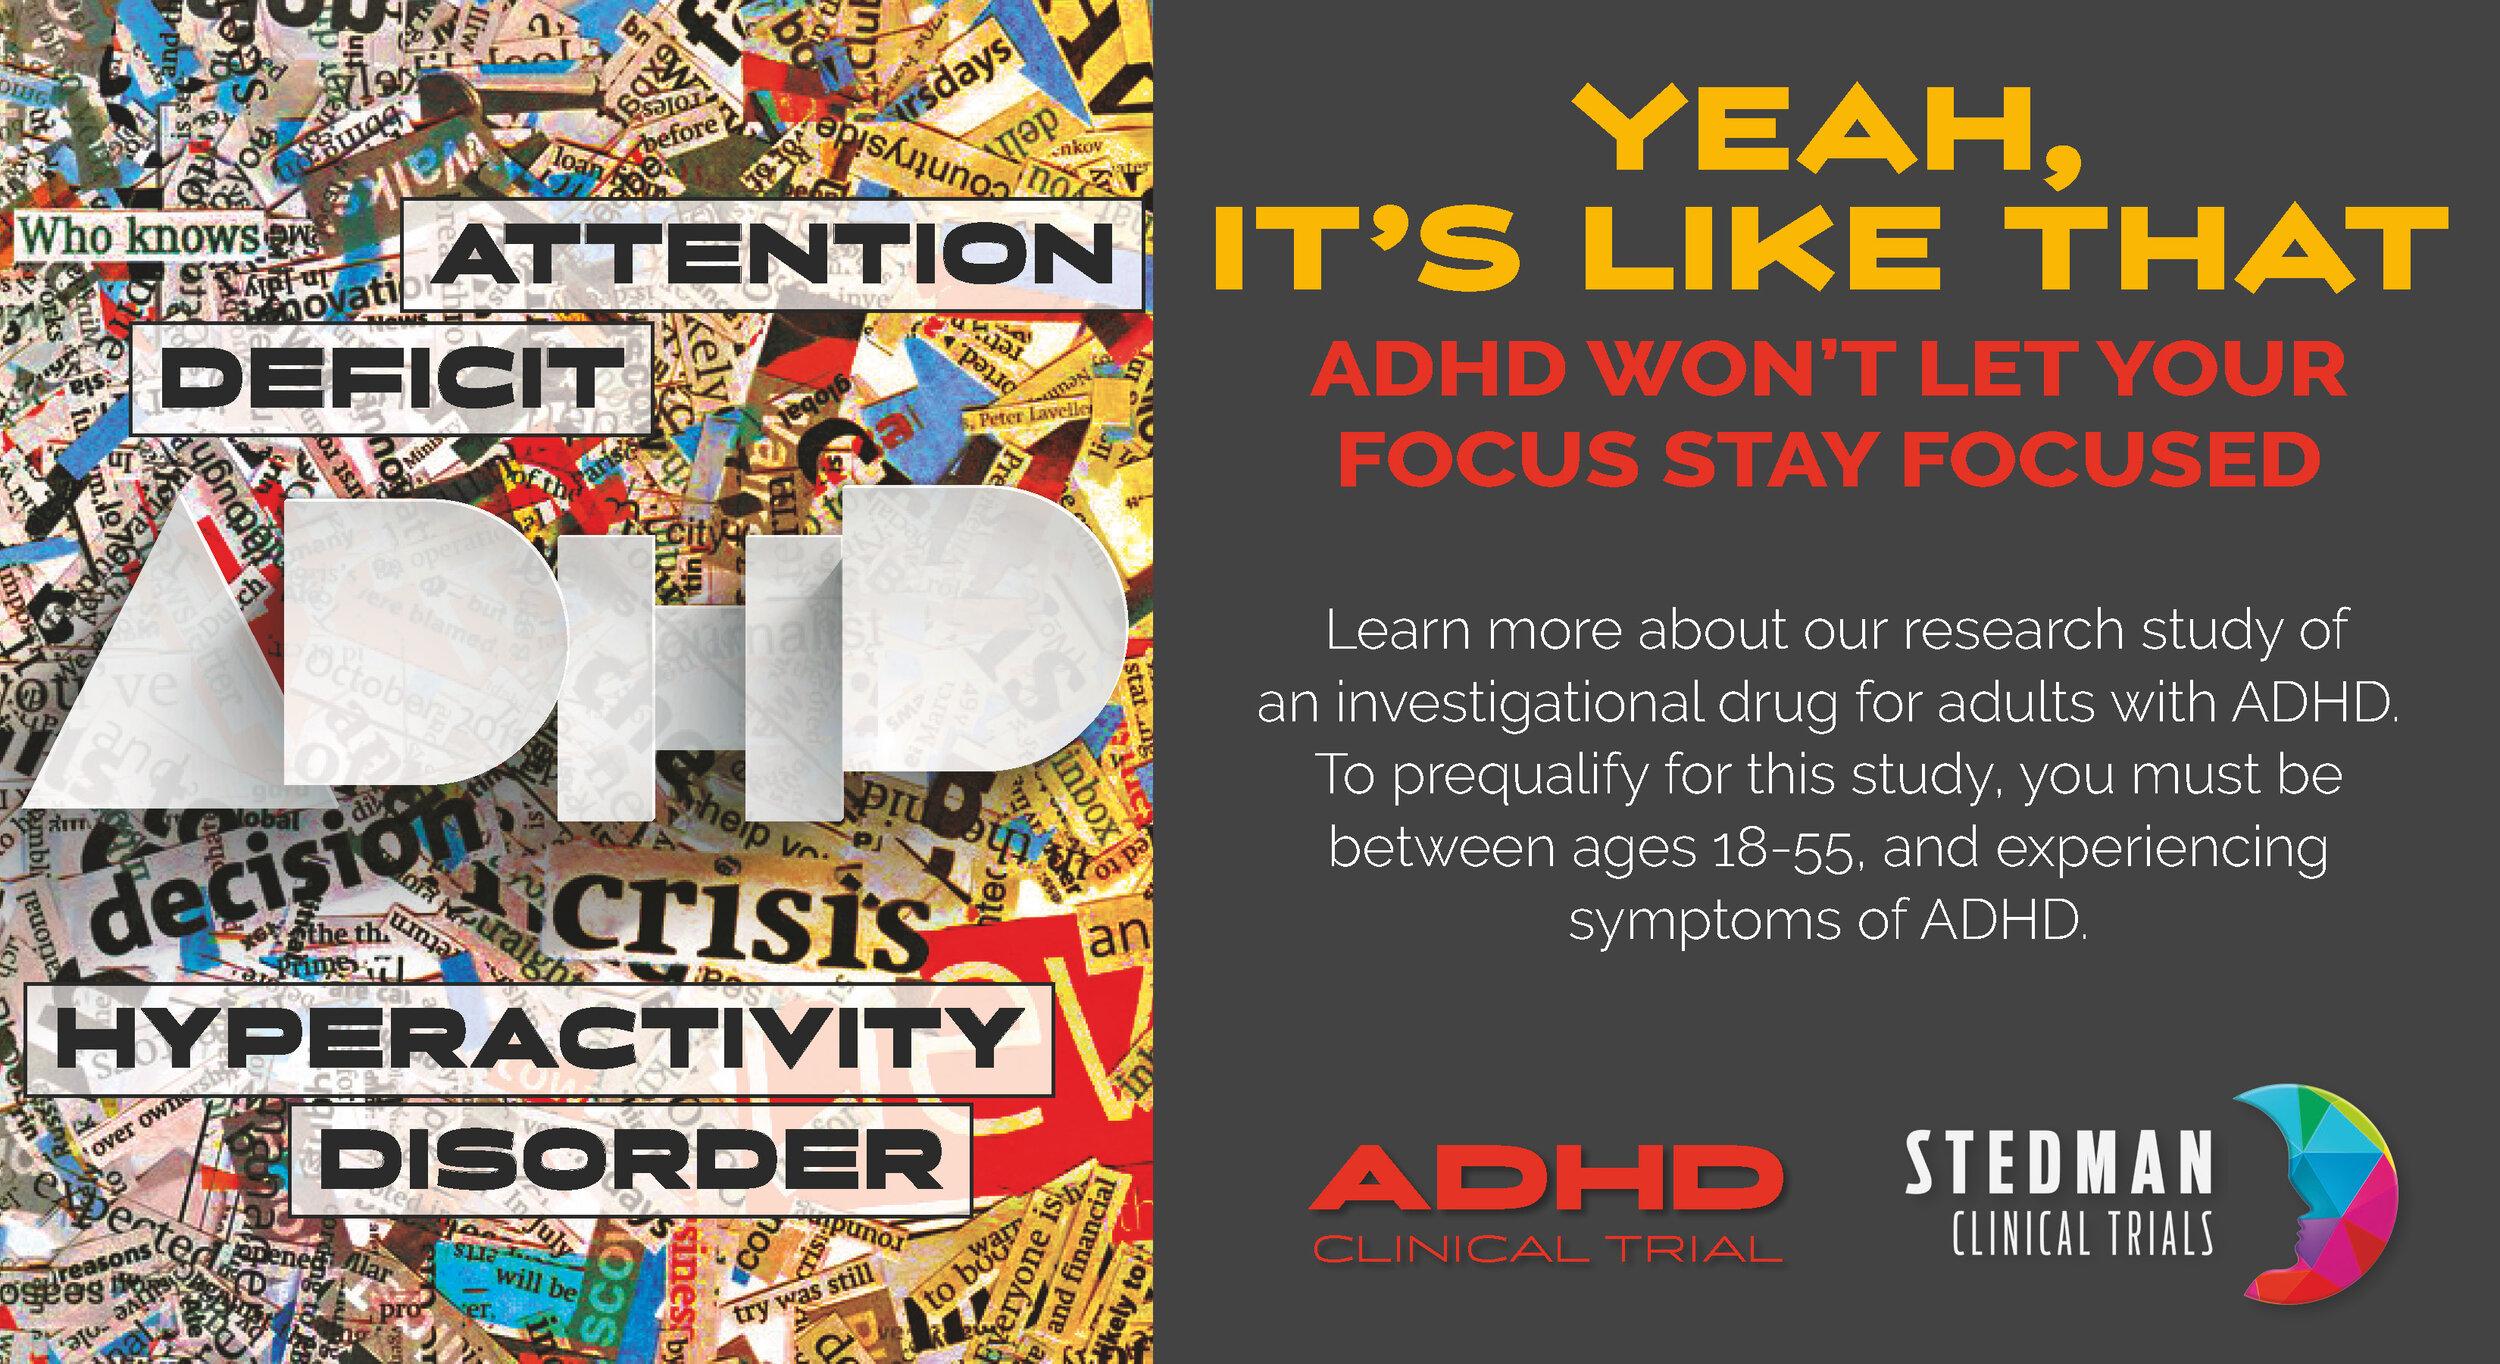 ADHD Clinical Trial